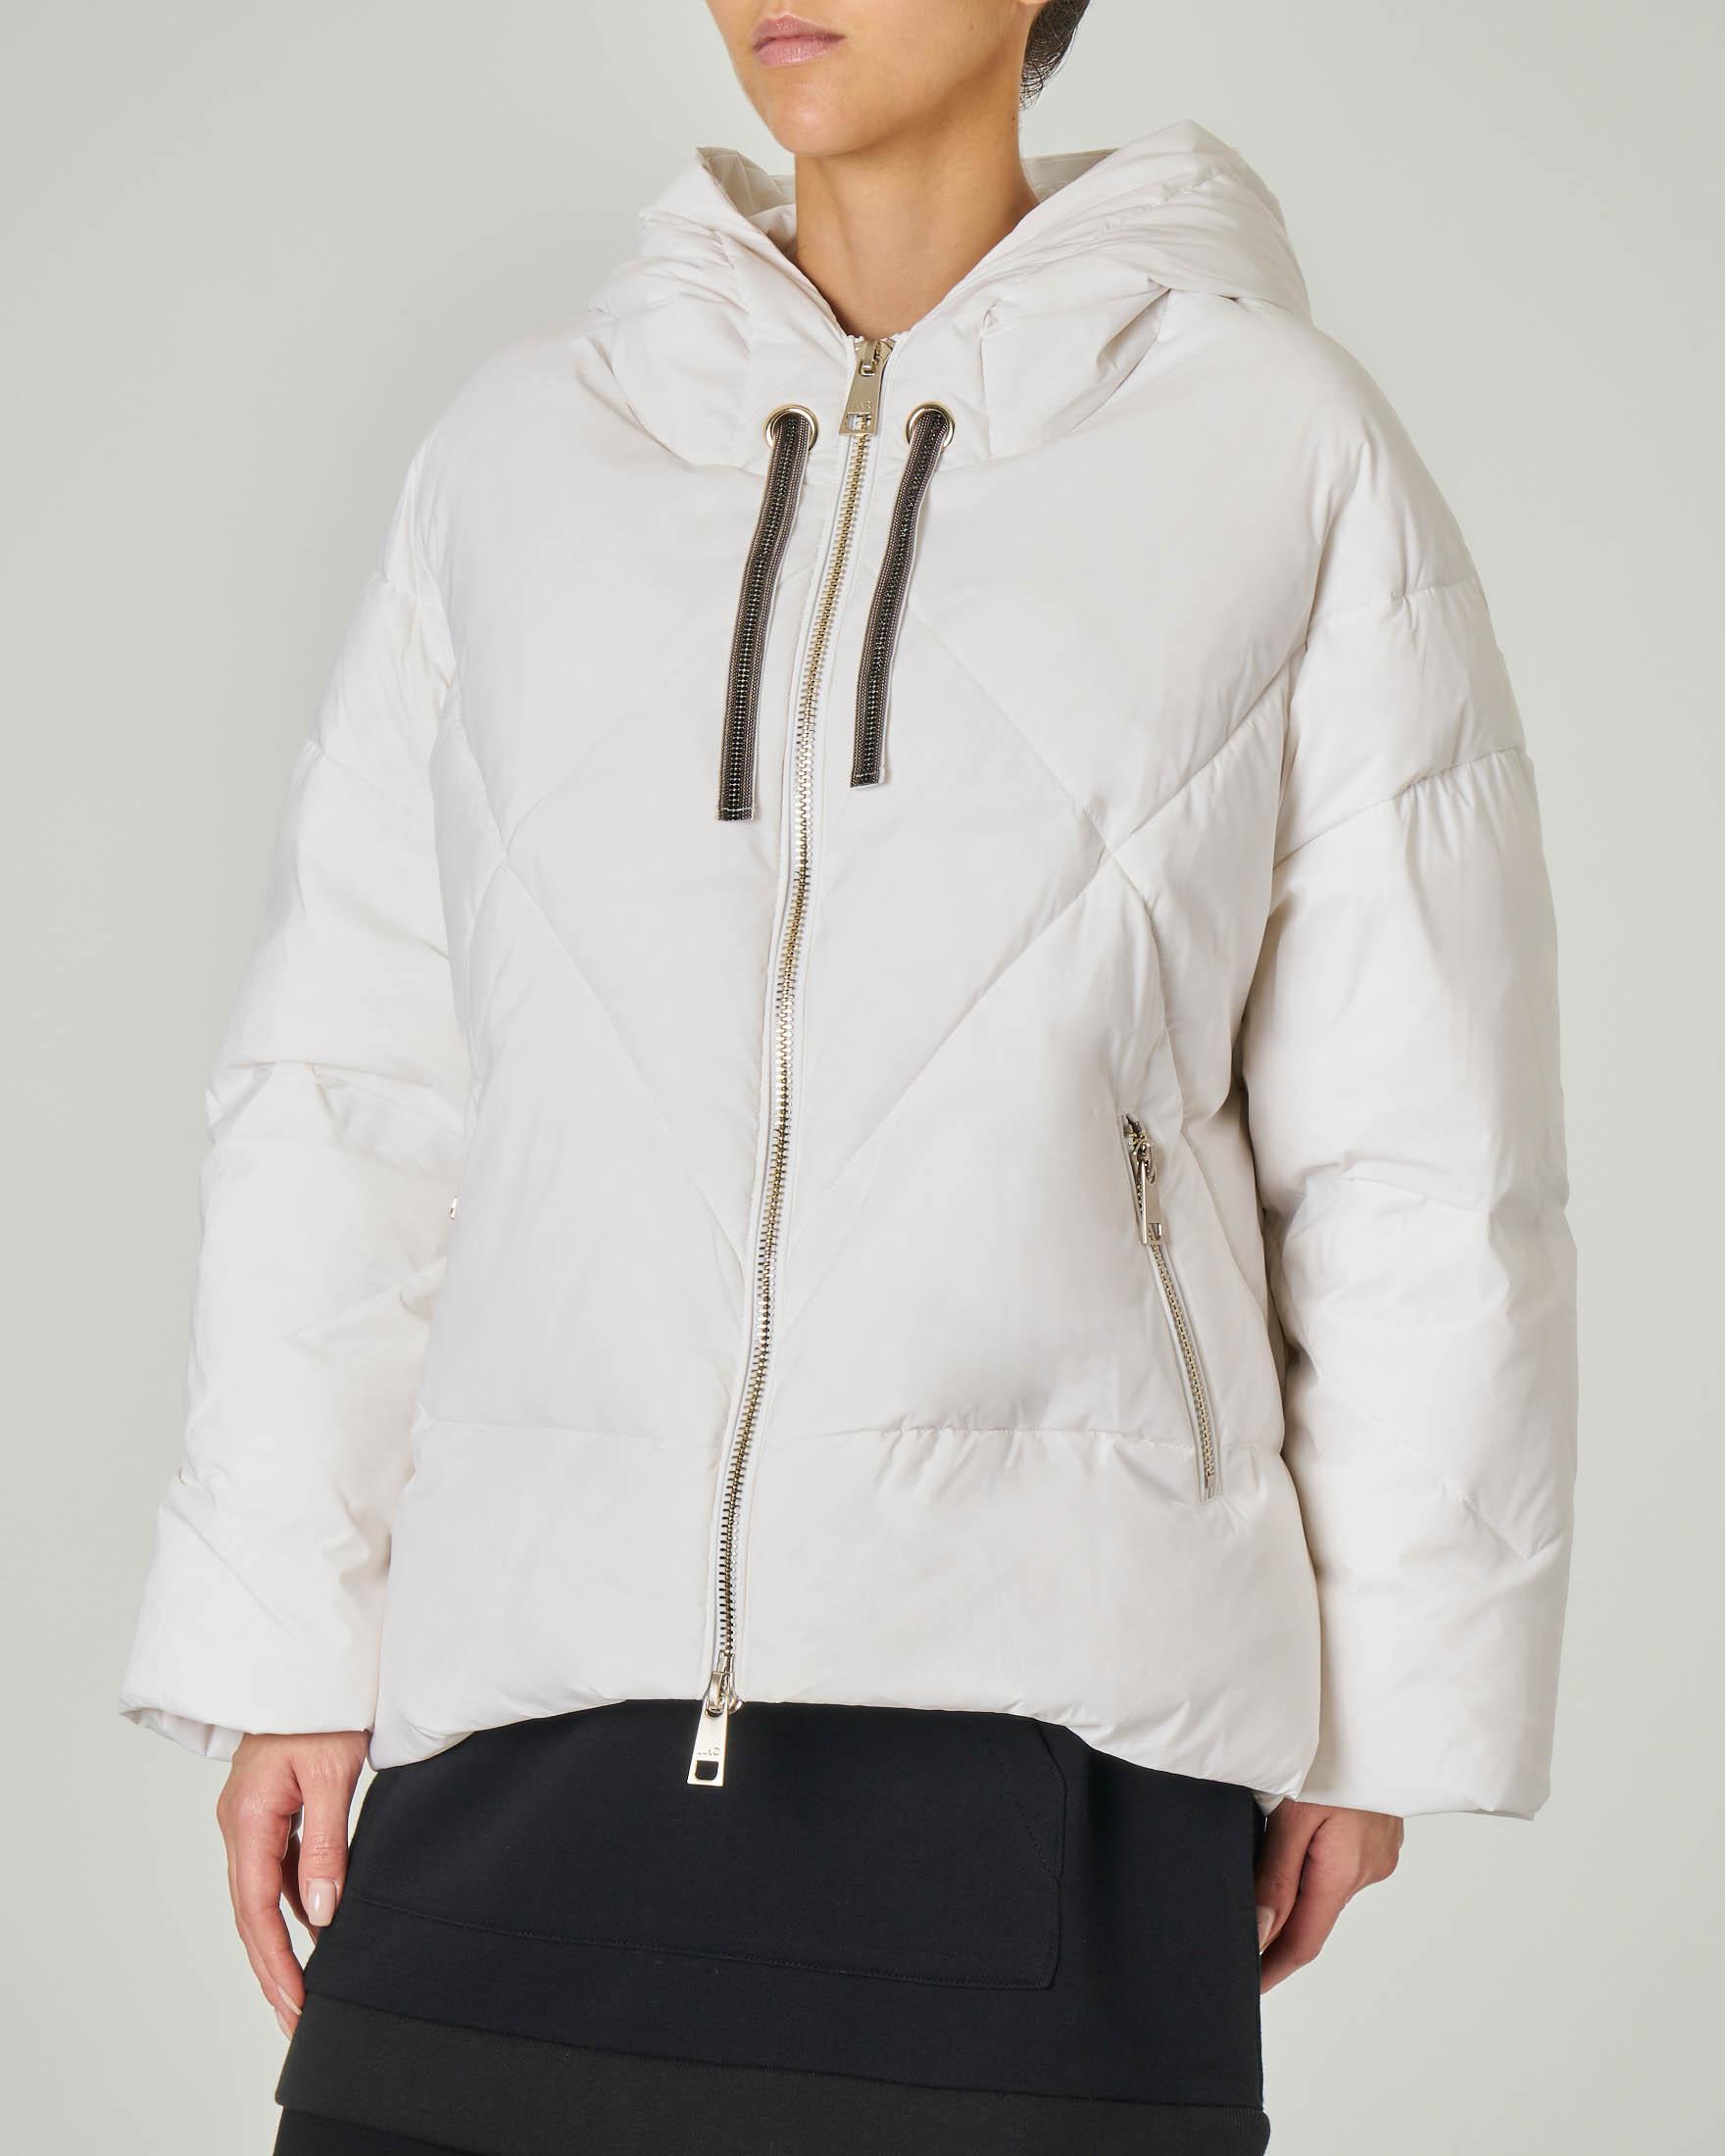 Maxi giaccone imbottito bianco con cappuccio fisso e coulisse con strass